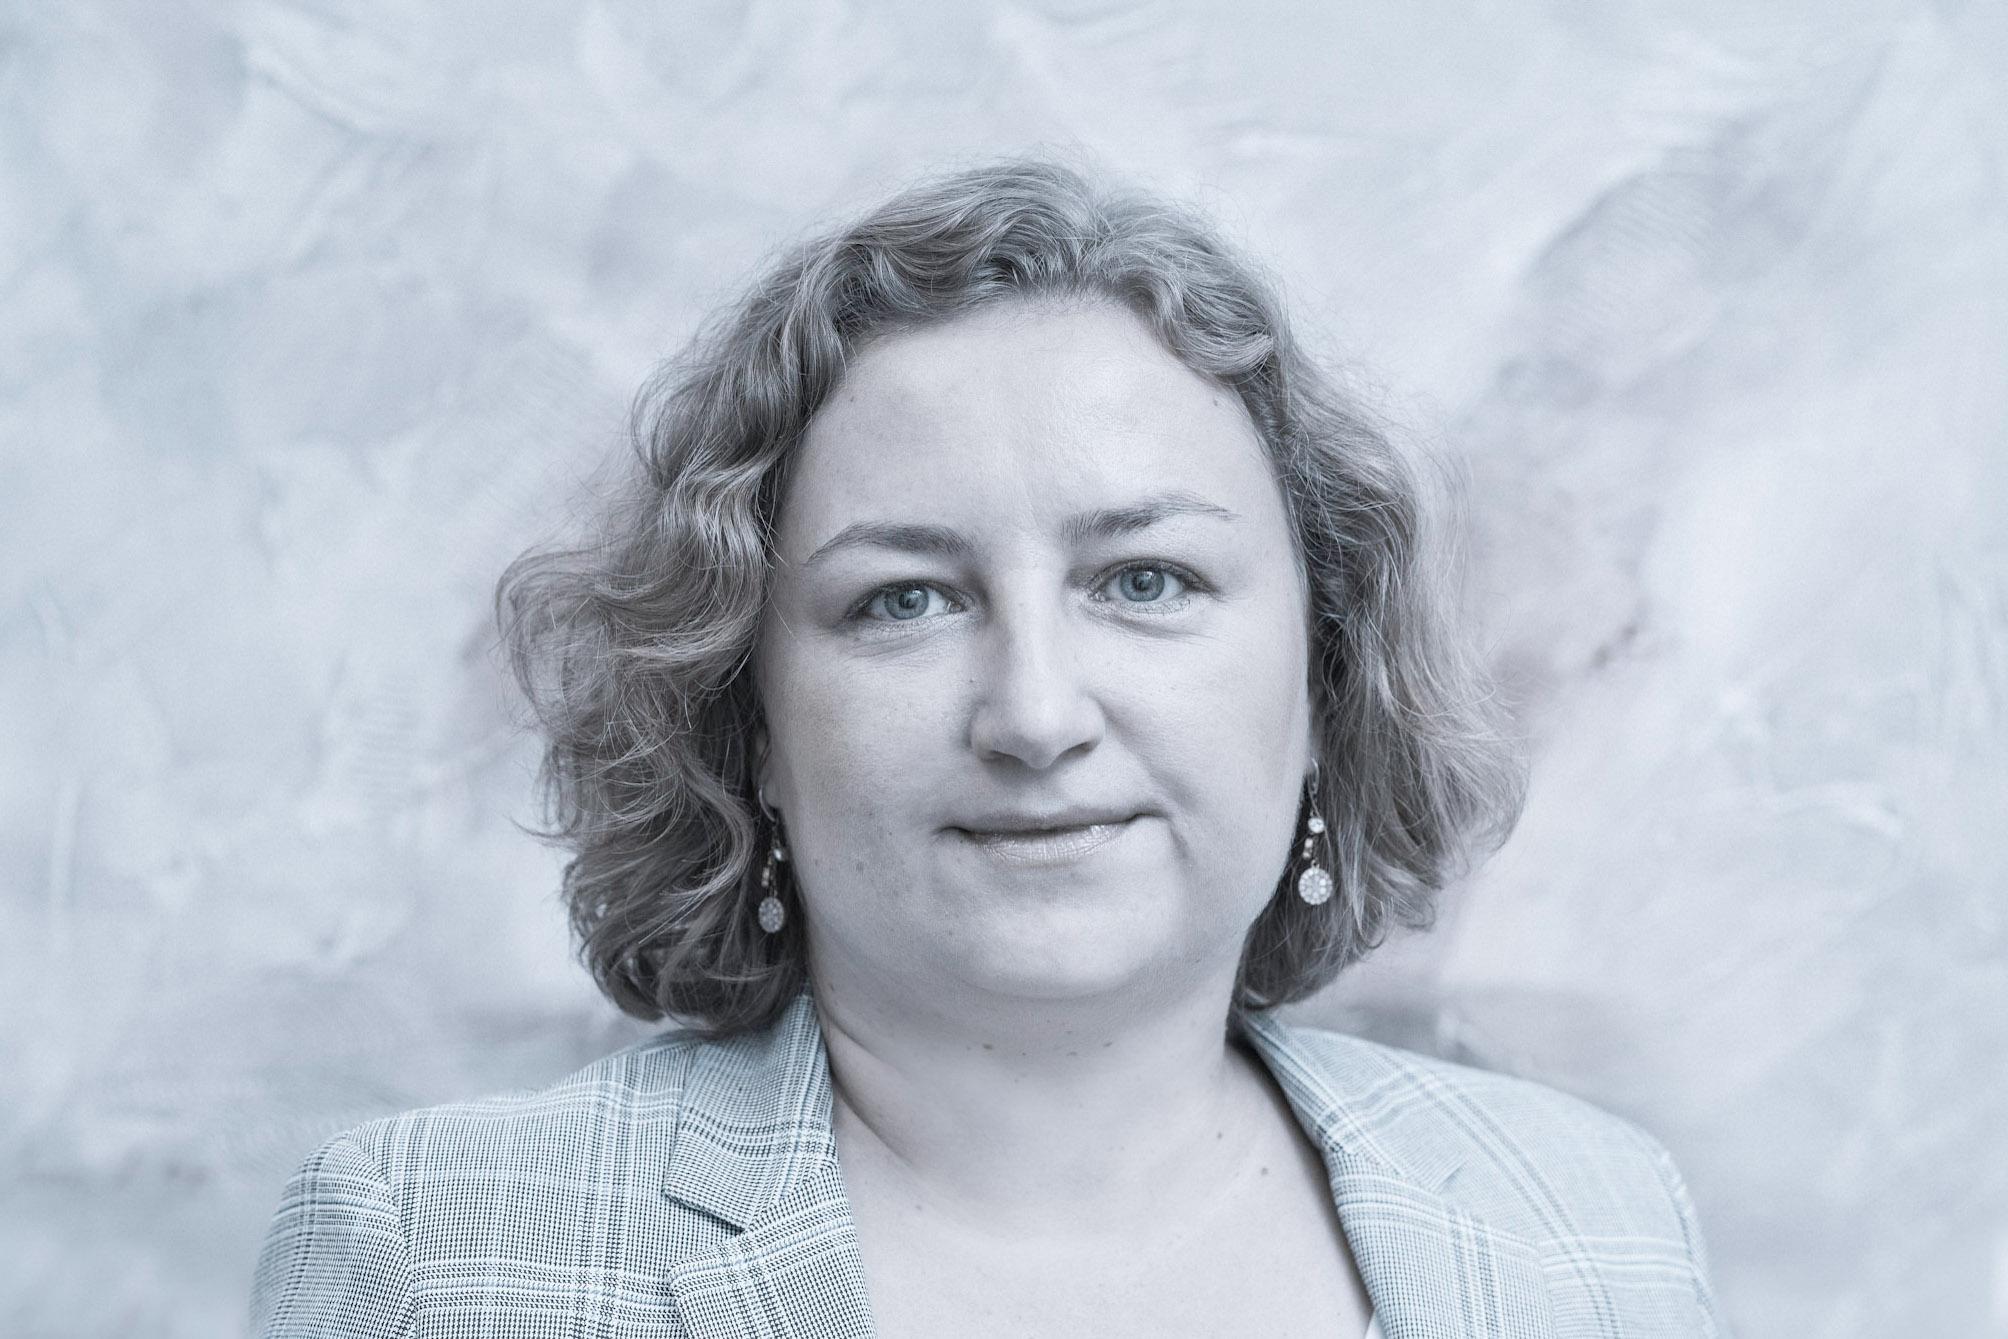 Адвокаты Бартель в Кёльне и Бергхайме, Германия - Адвокат Корнелия Штеттен.